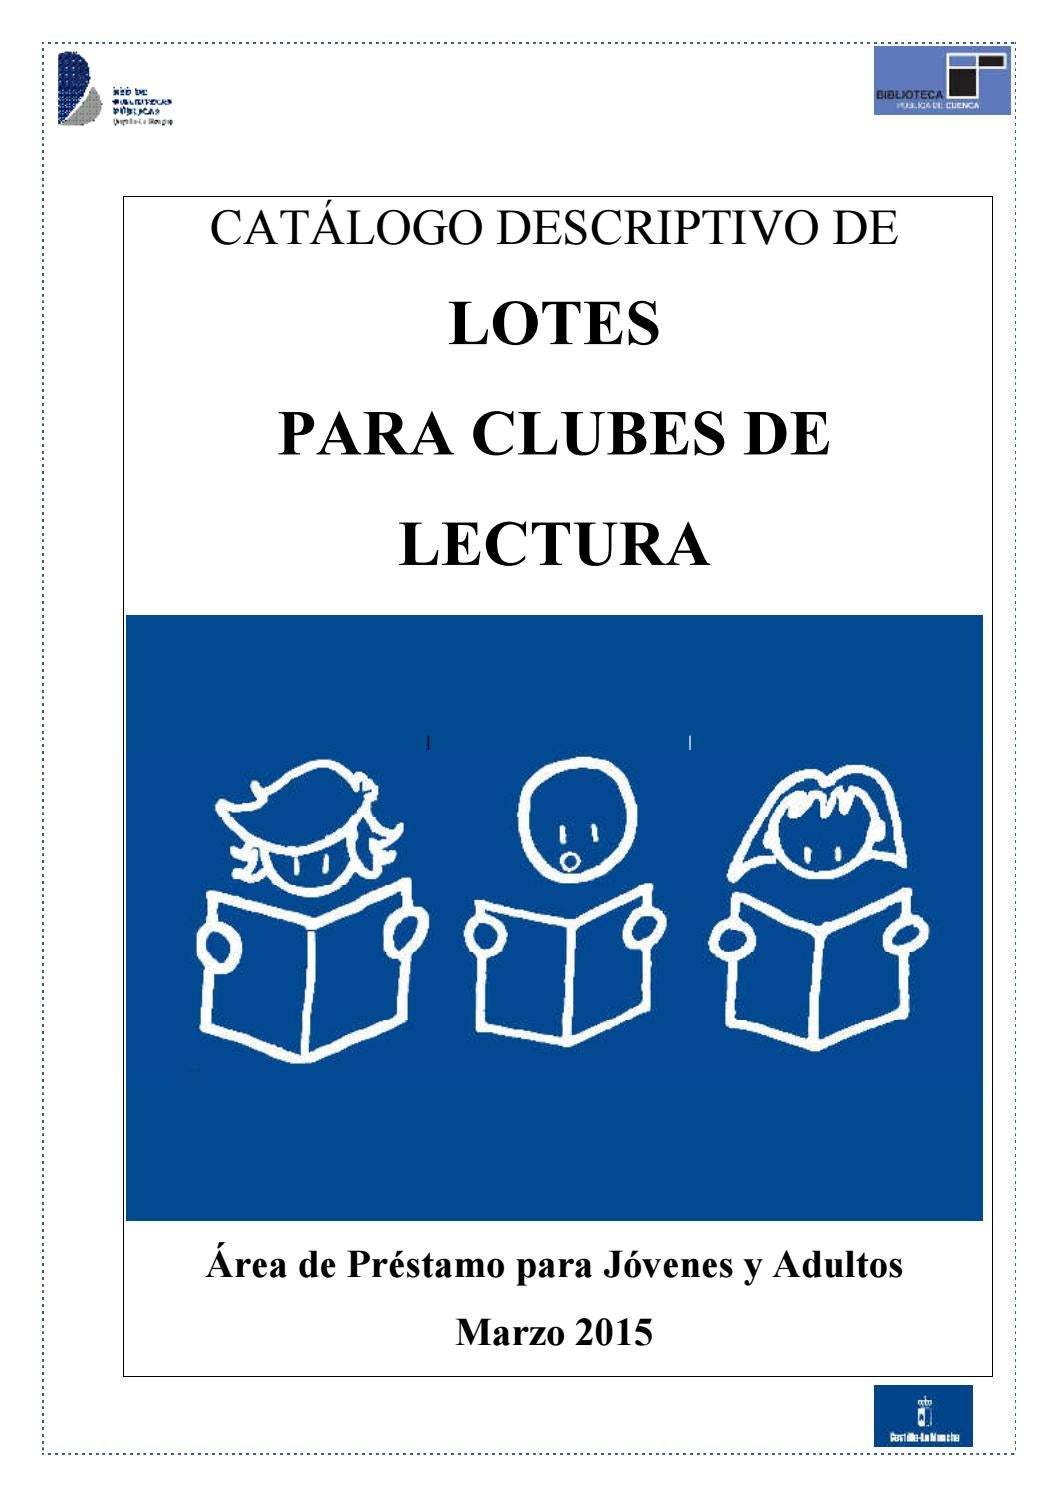 Catálogo Descriptivo Lotes Club Lectura Noviembre By